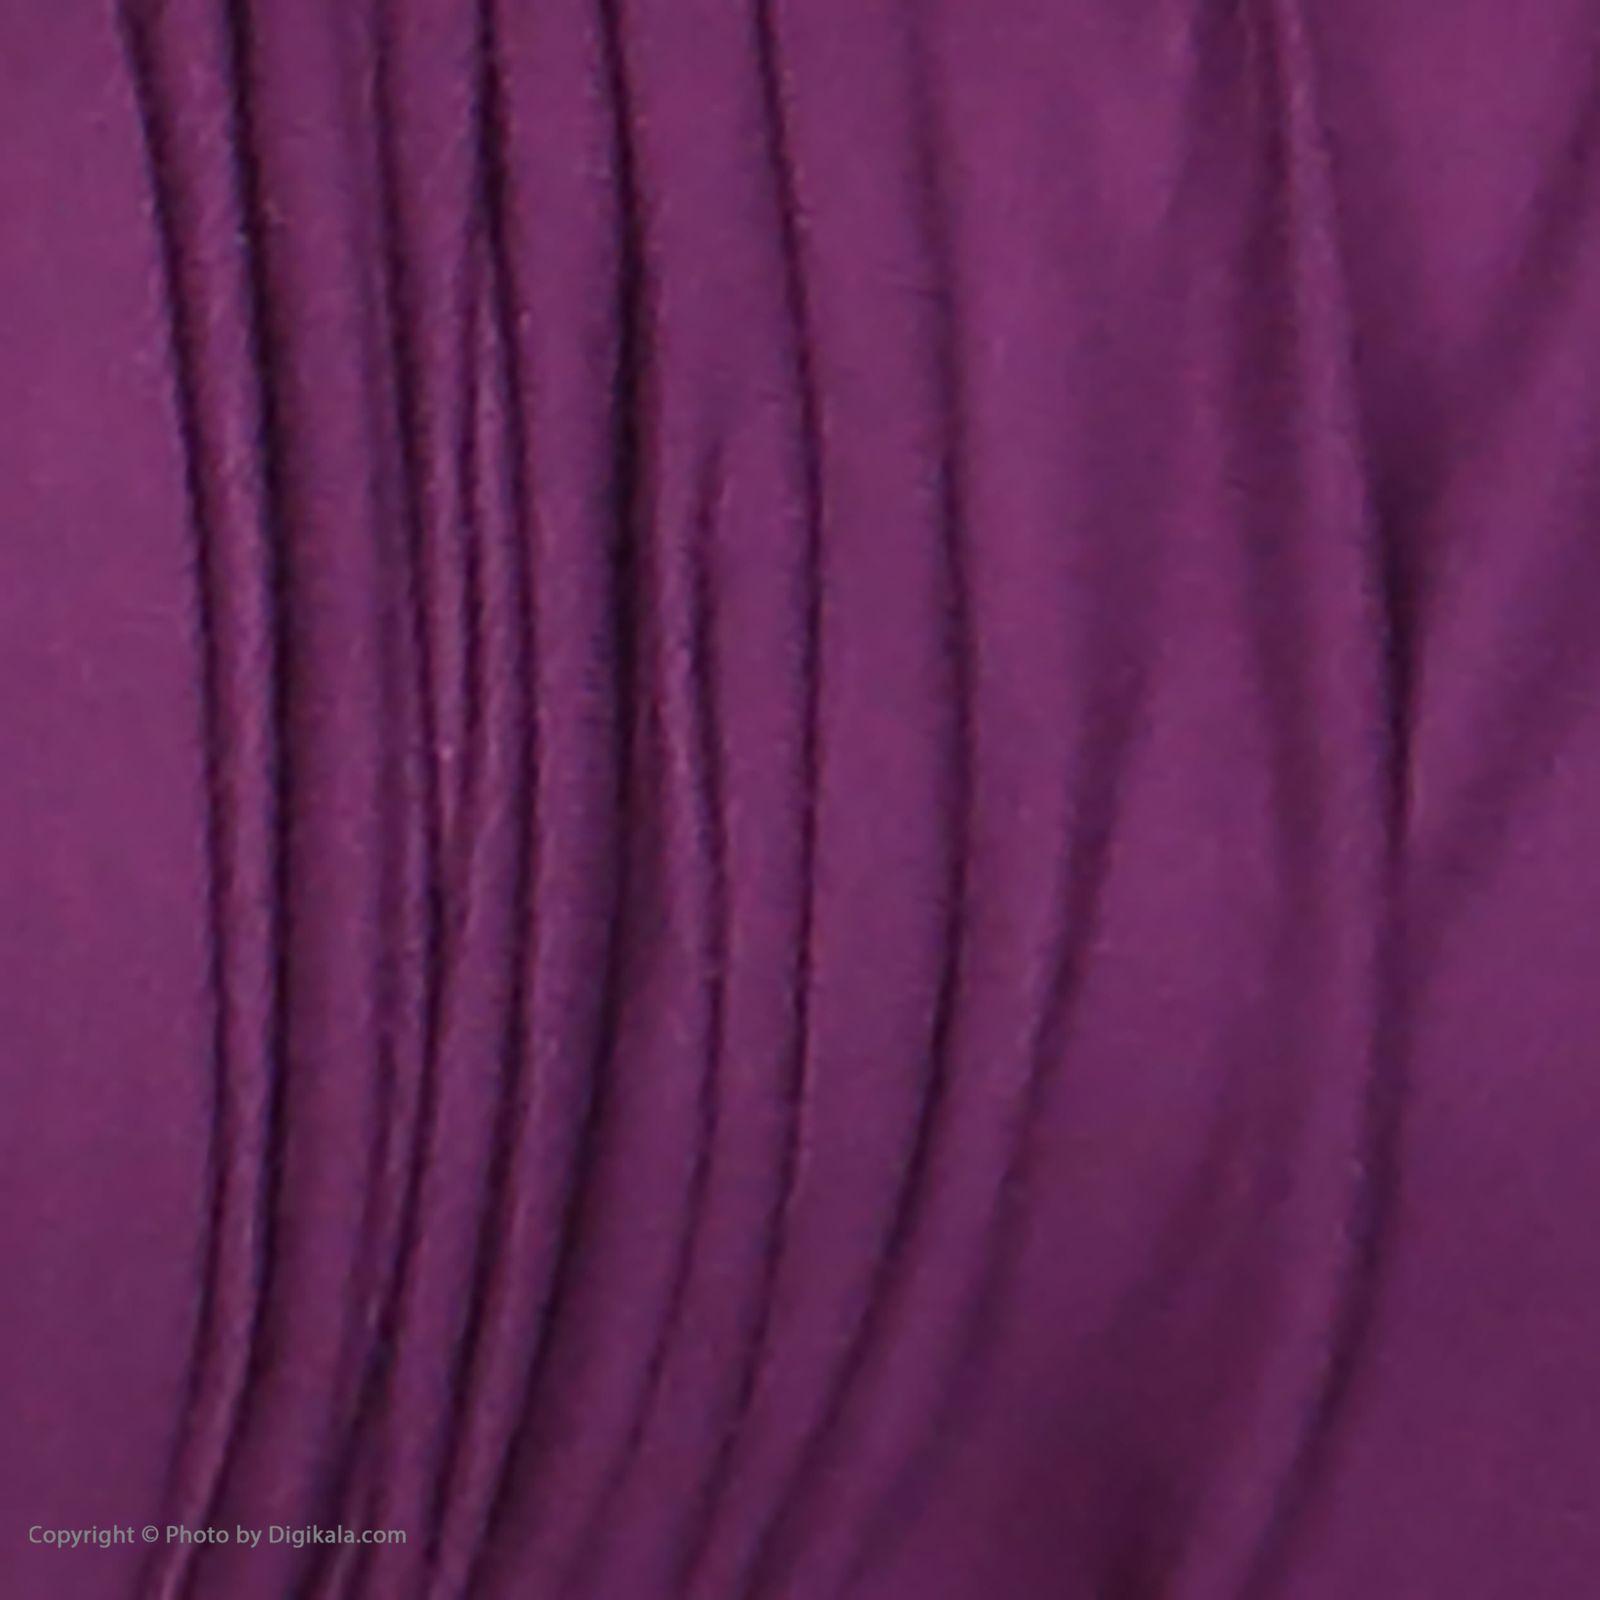 ست تی شرت و شلوار راحتی زنانه مادر مدل 2041104-67 -  - 10